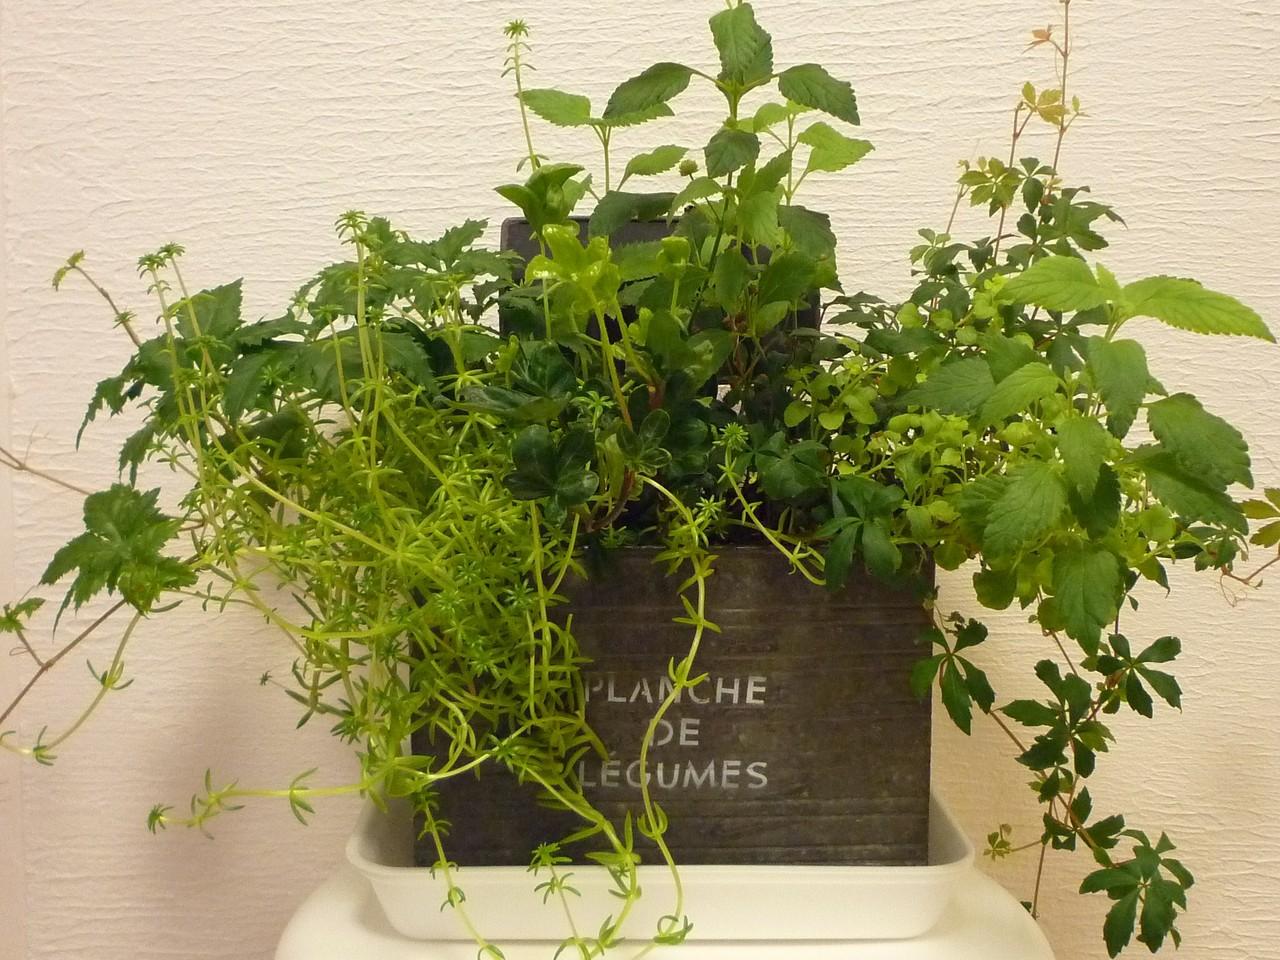 植物の寄せ植えも元気です